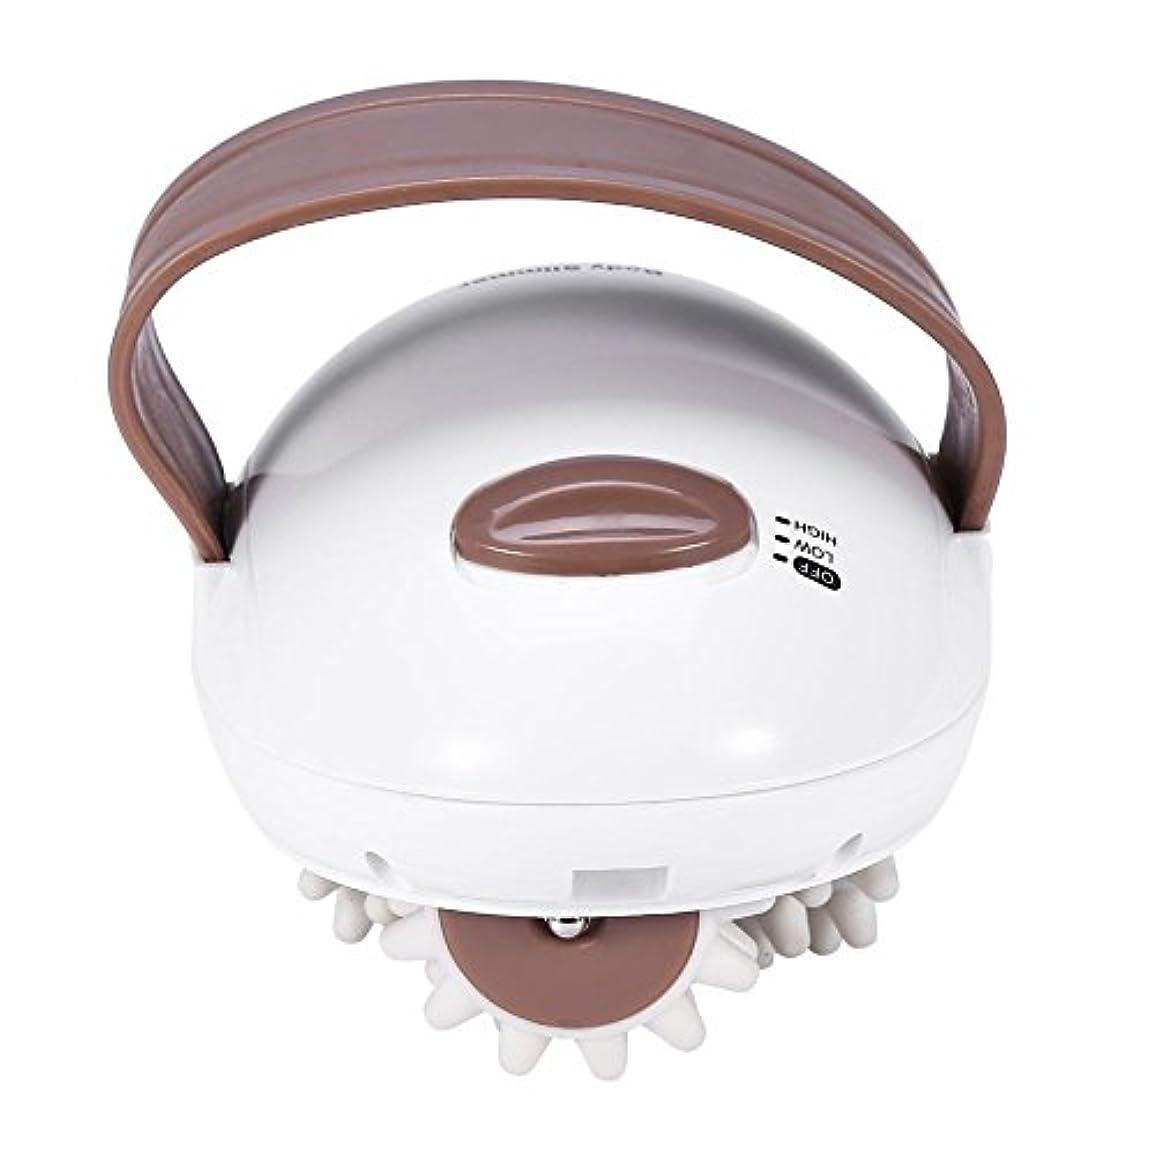 静めるパーティション徹底的に3D電動マッサージ完全リラクゼーションボディマッサージ機器(1)